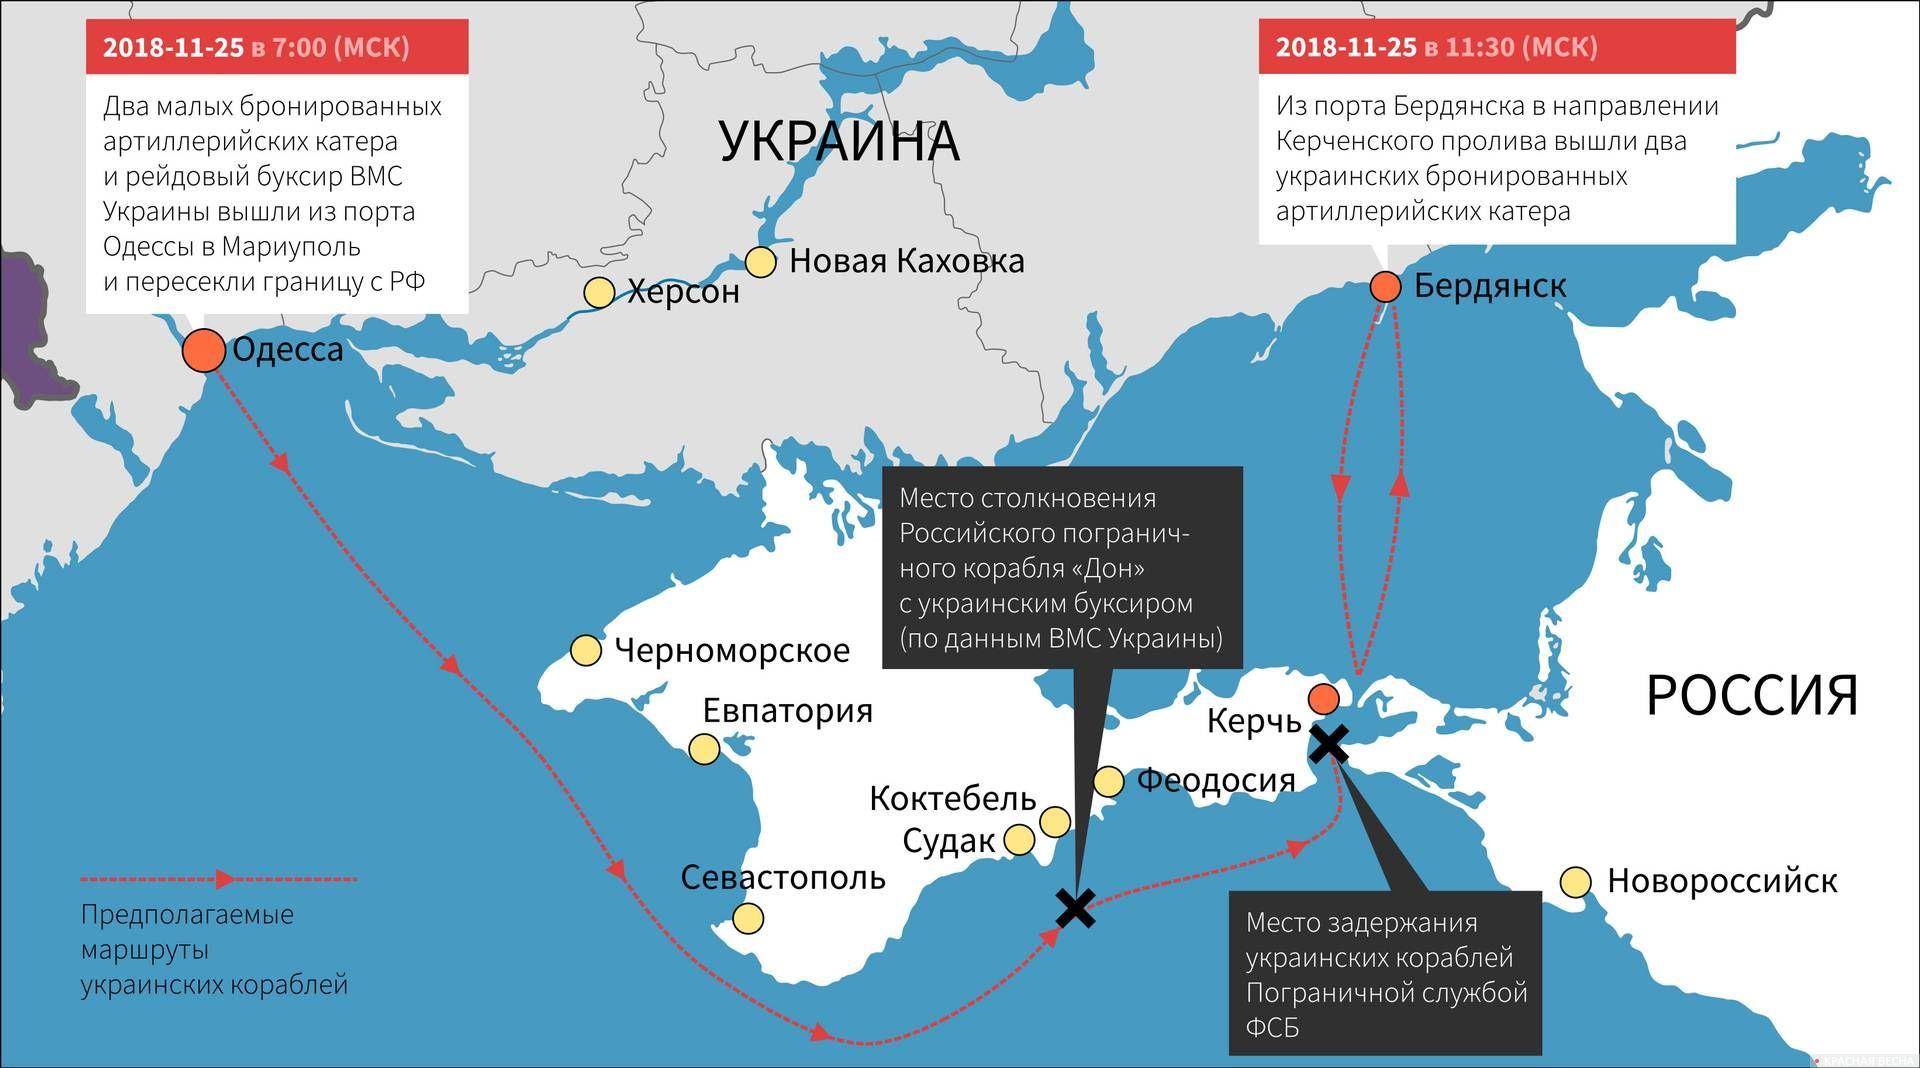 Военная провокация Украины 25.11.2018